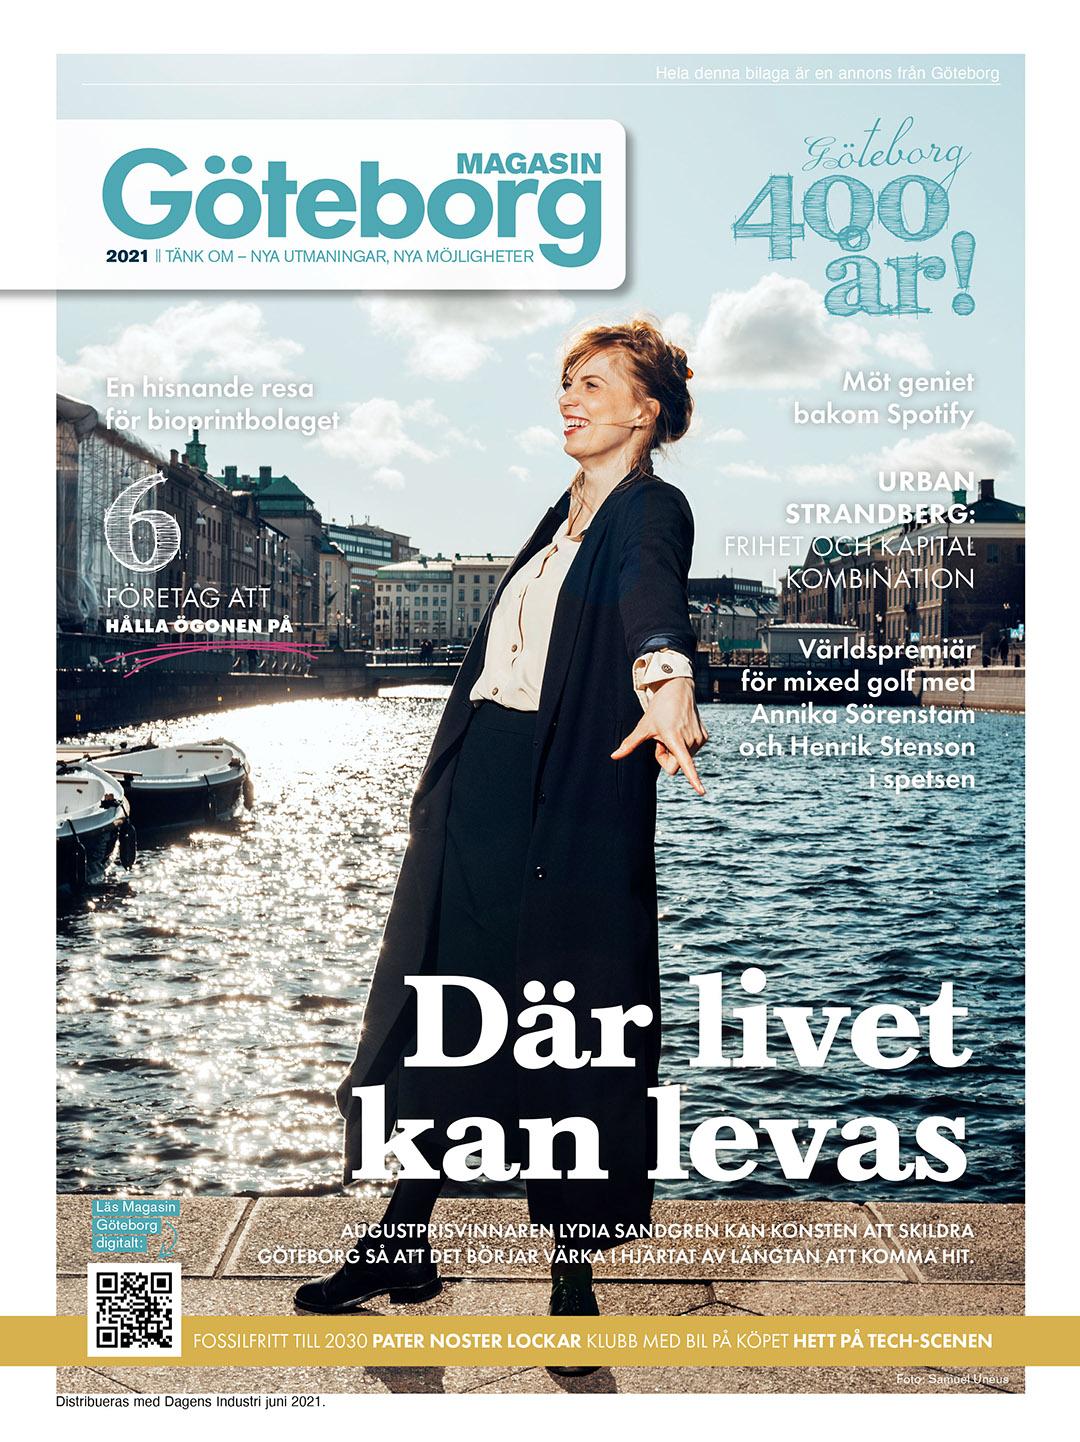 Startbild magasin göteborg med Lydia Sandgren